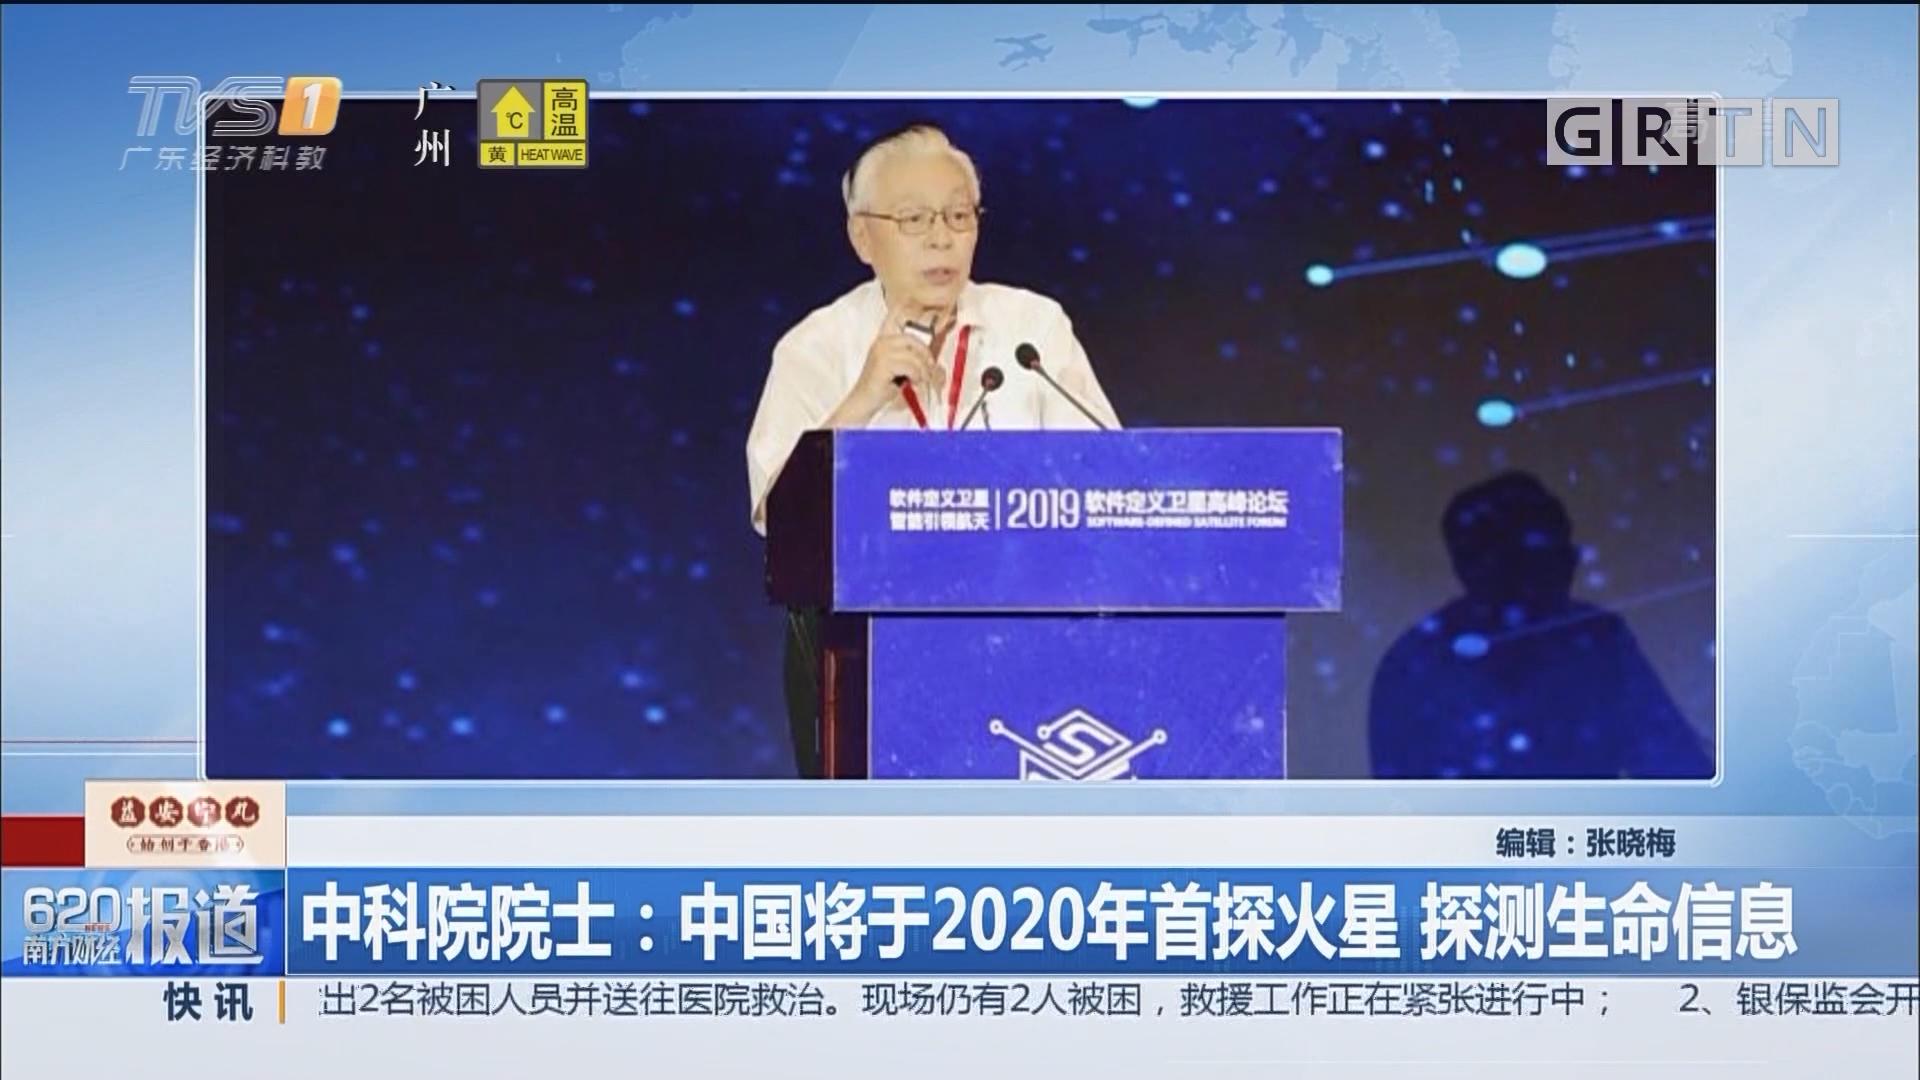 中科院院士:中國將于2020年首探火星 探測生命信息